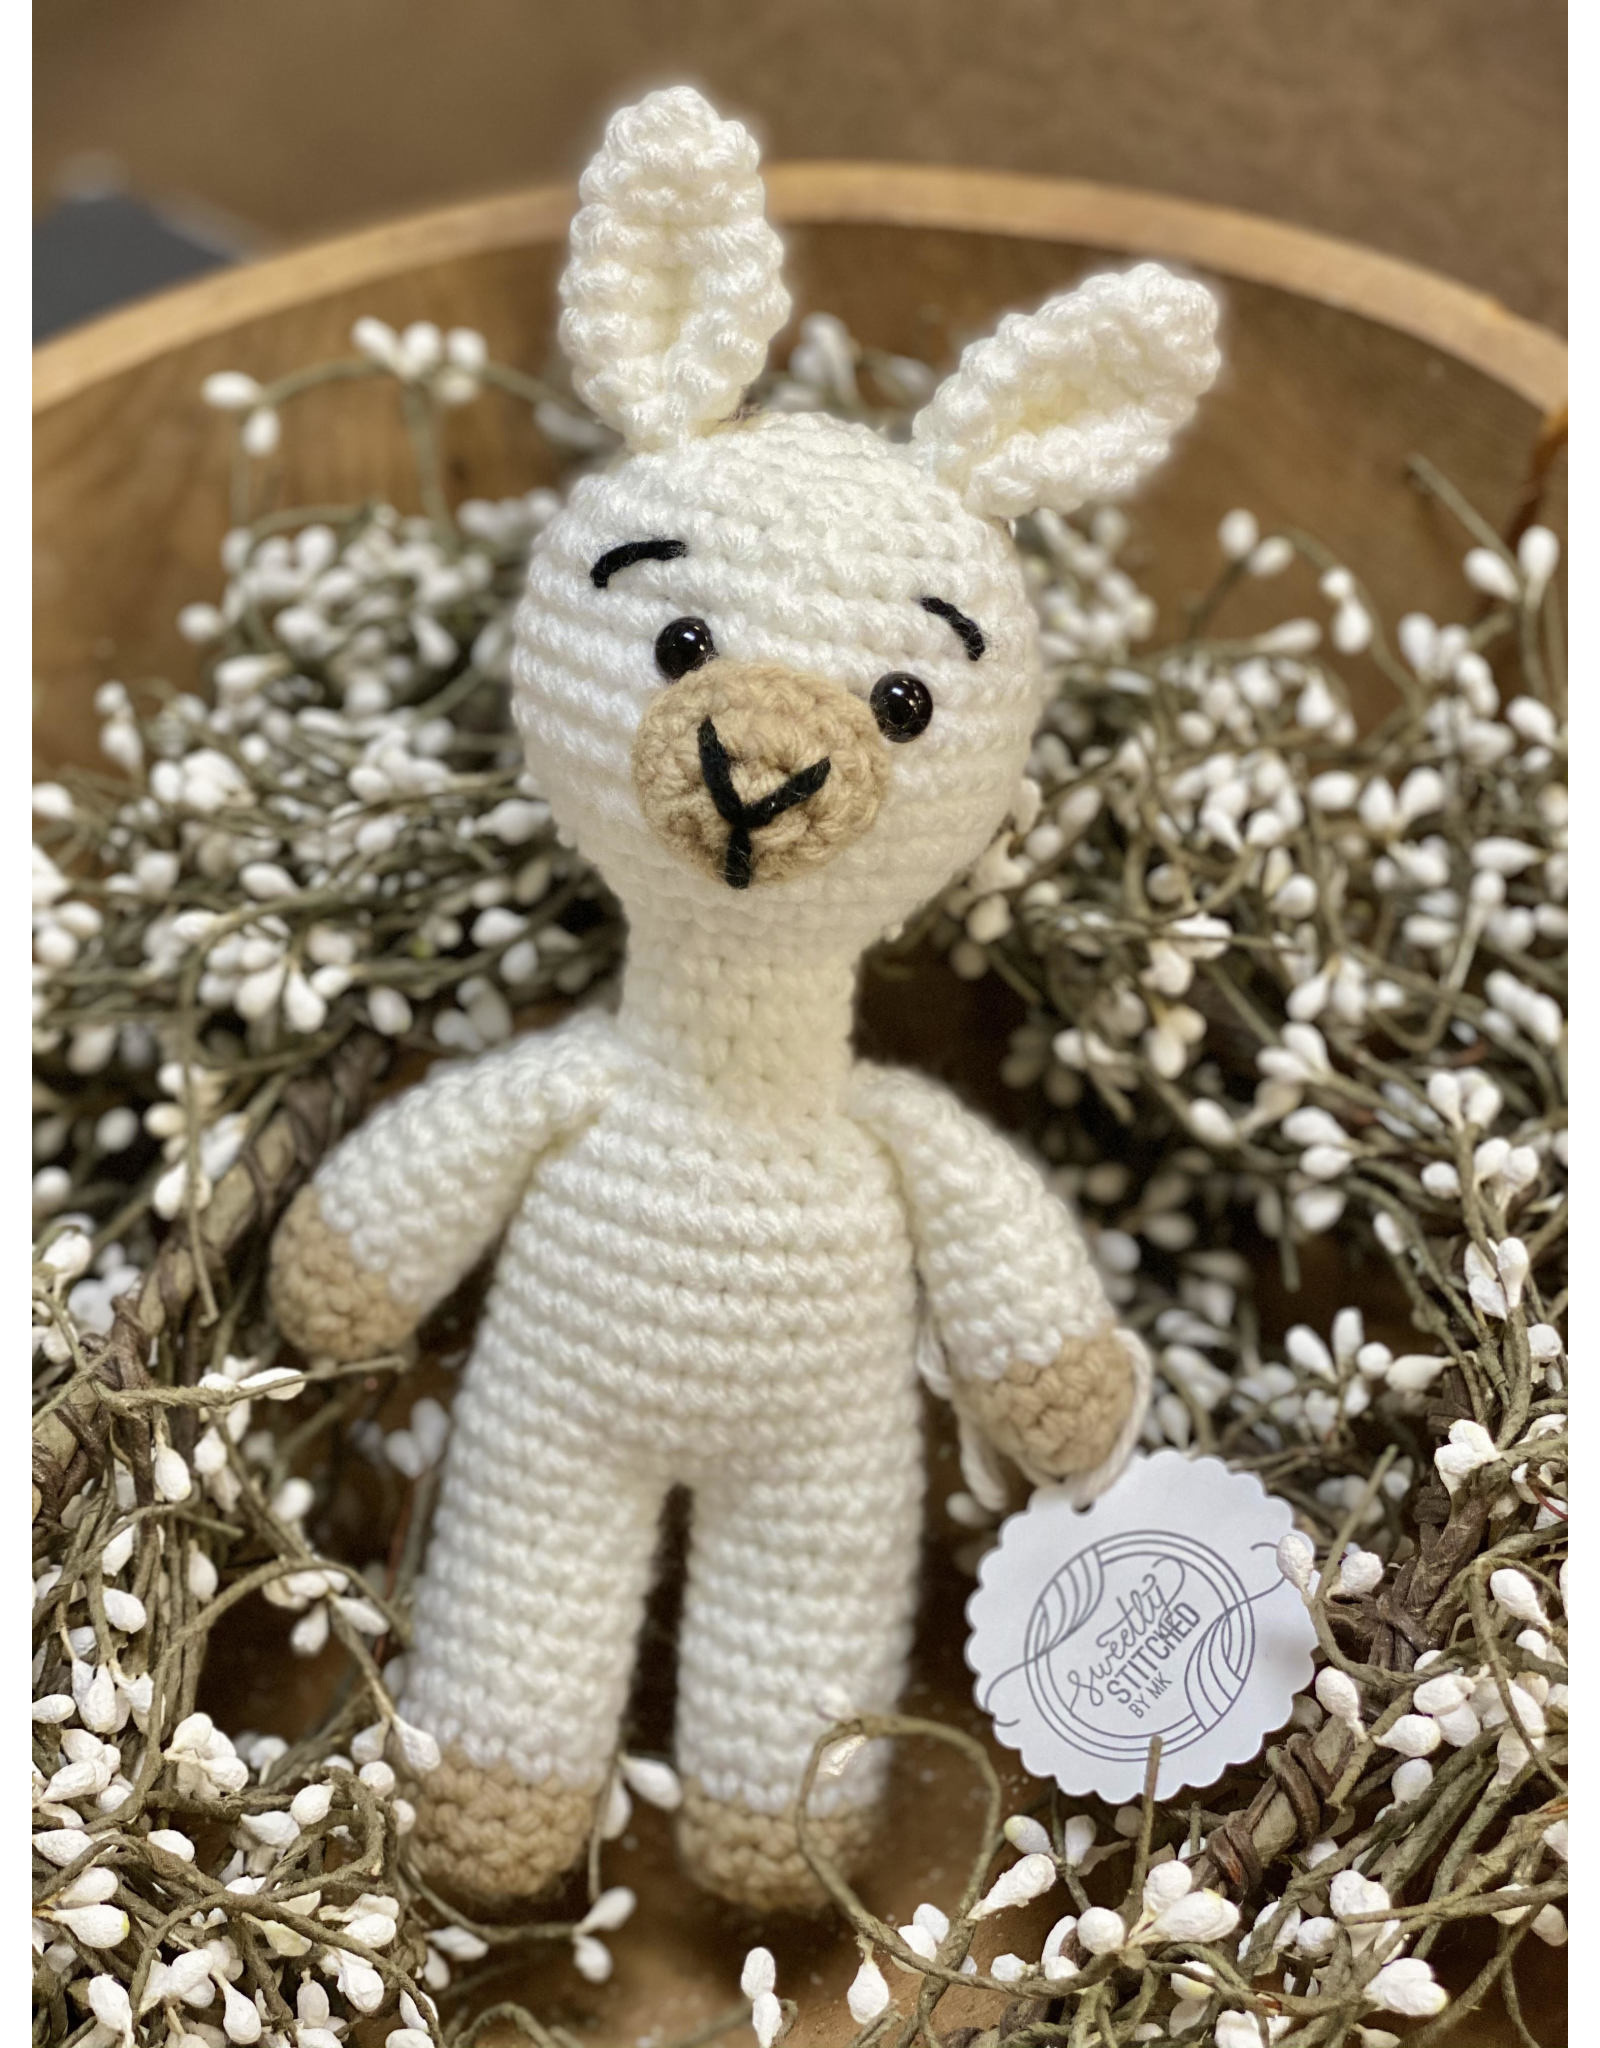 Sweetly Stitched Boy Llama